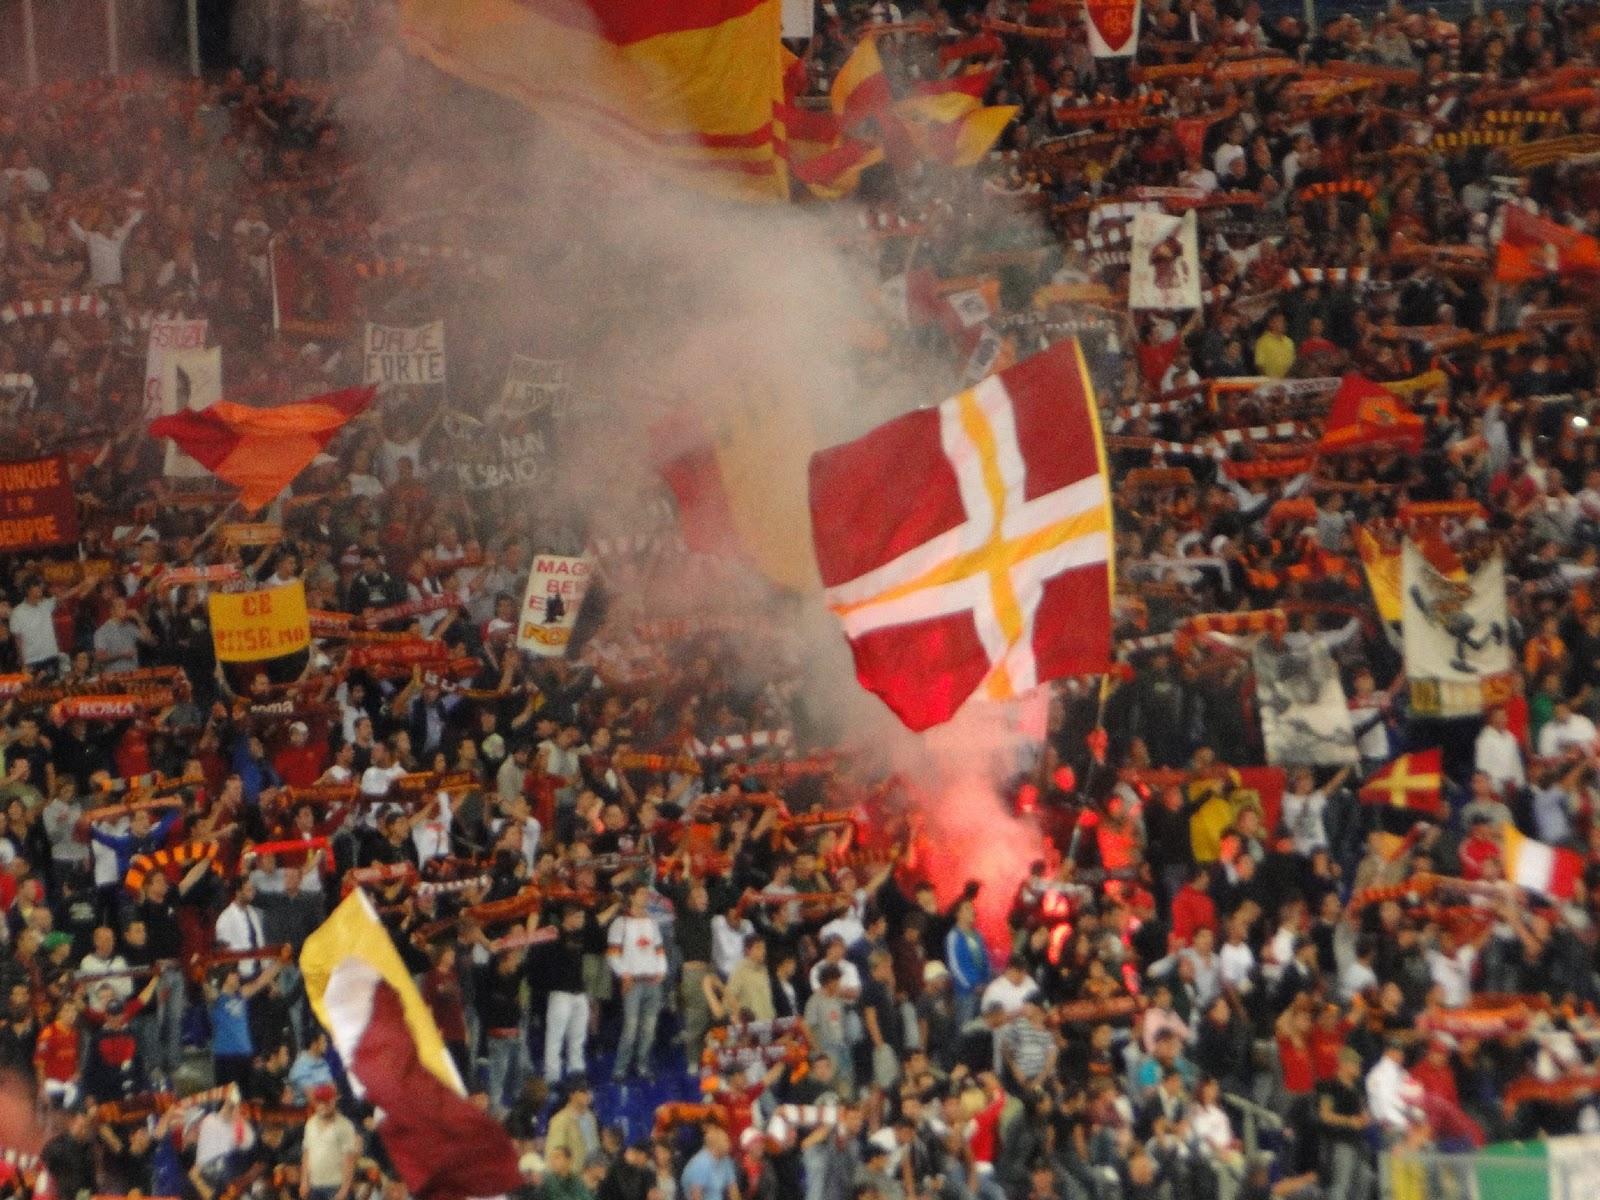 roma vs juventus - photo #12